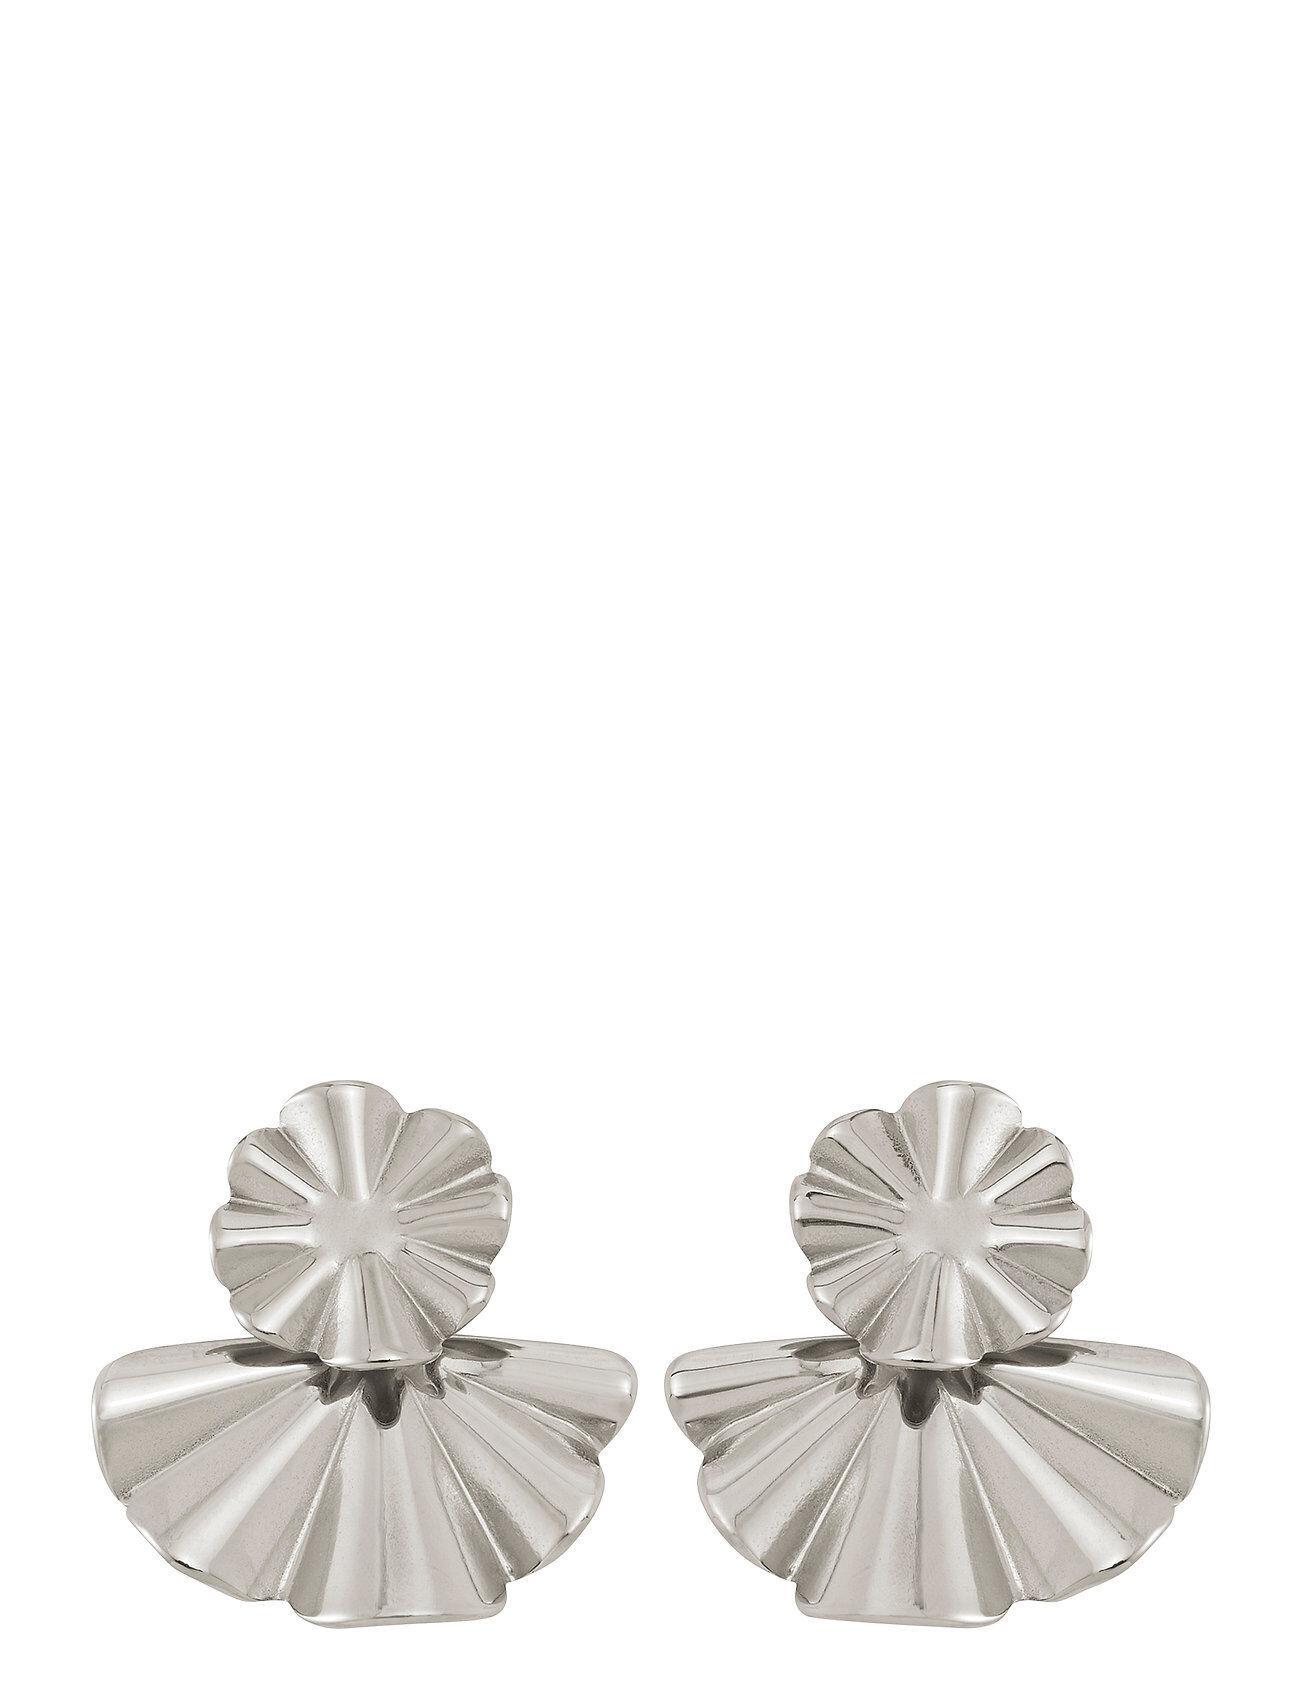 Edblad Soaré Earrings Accessories Jewellery Earrings Studs Hopea Edblad